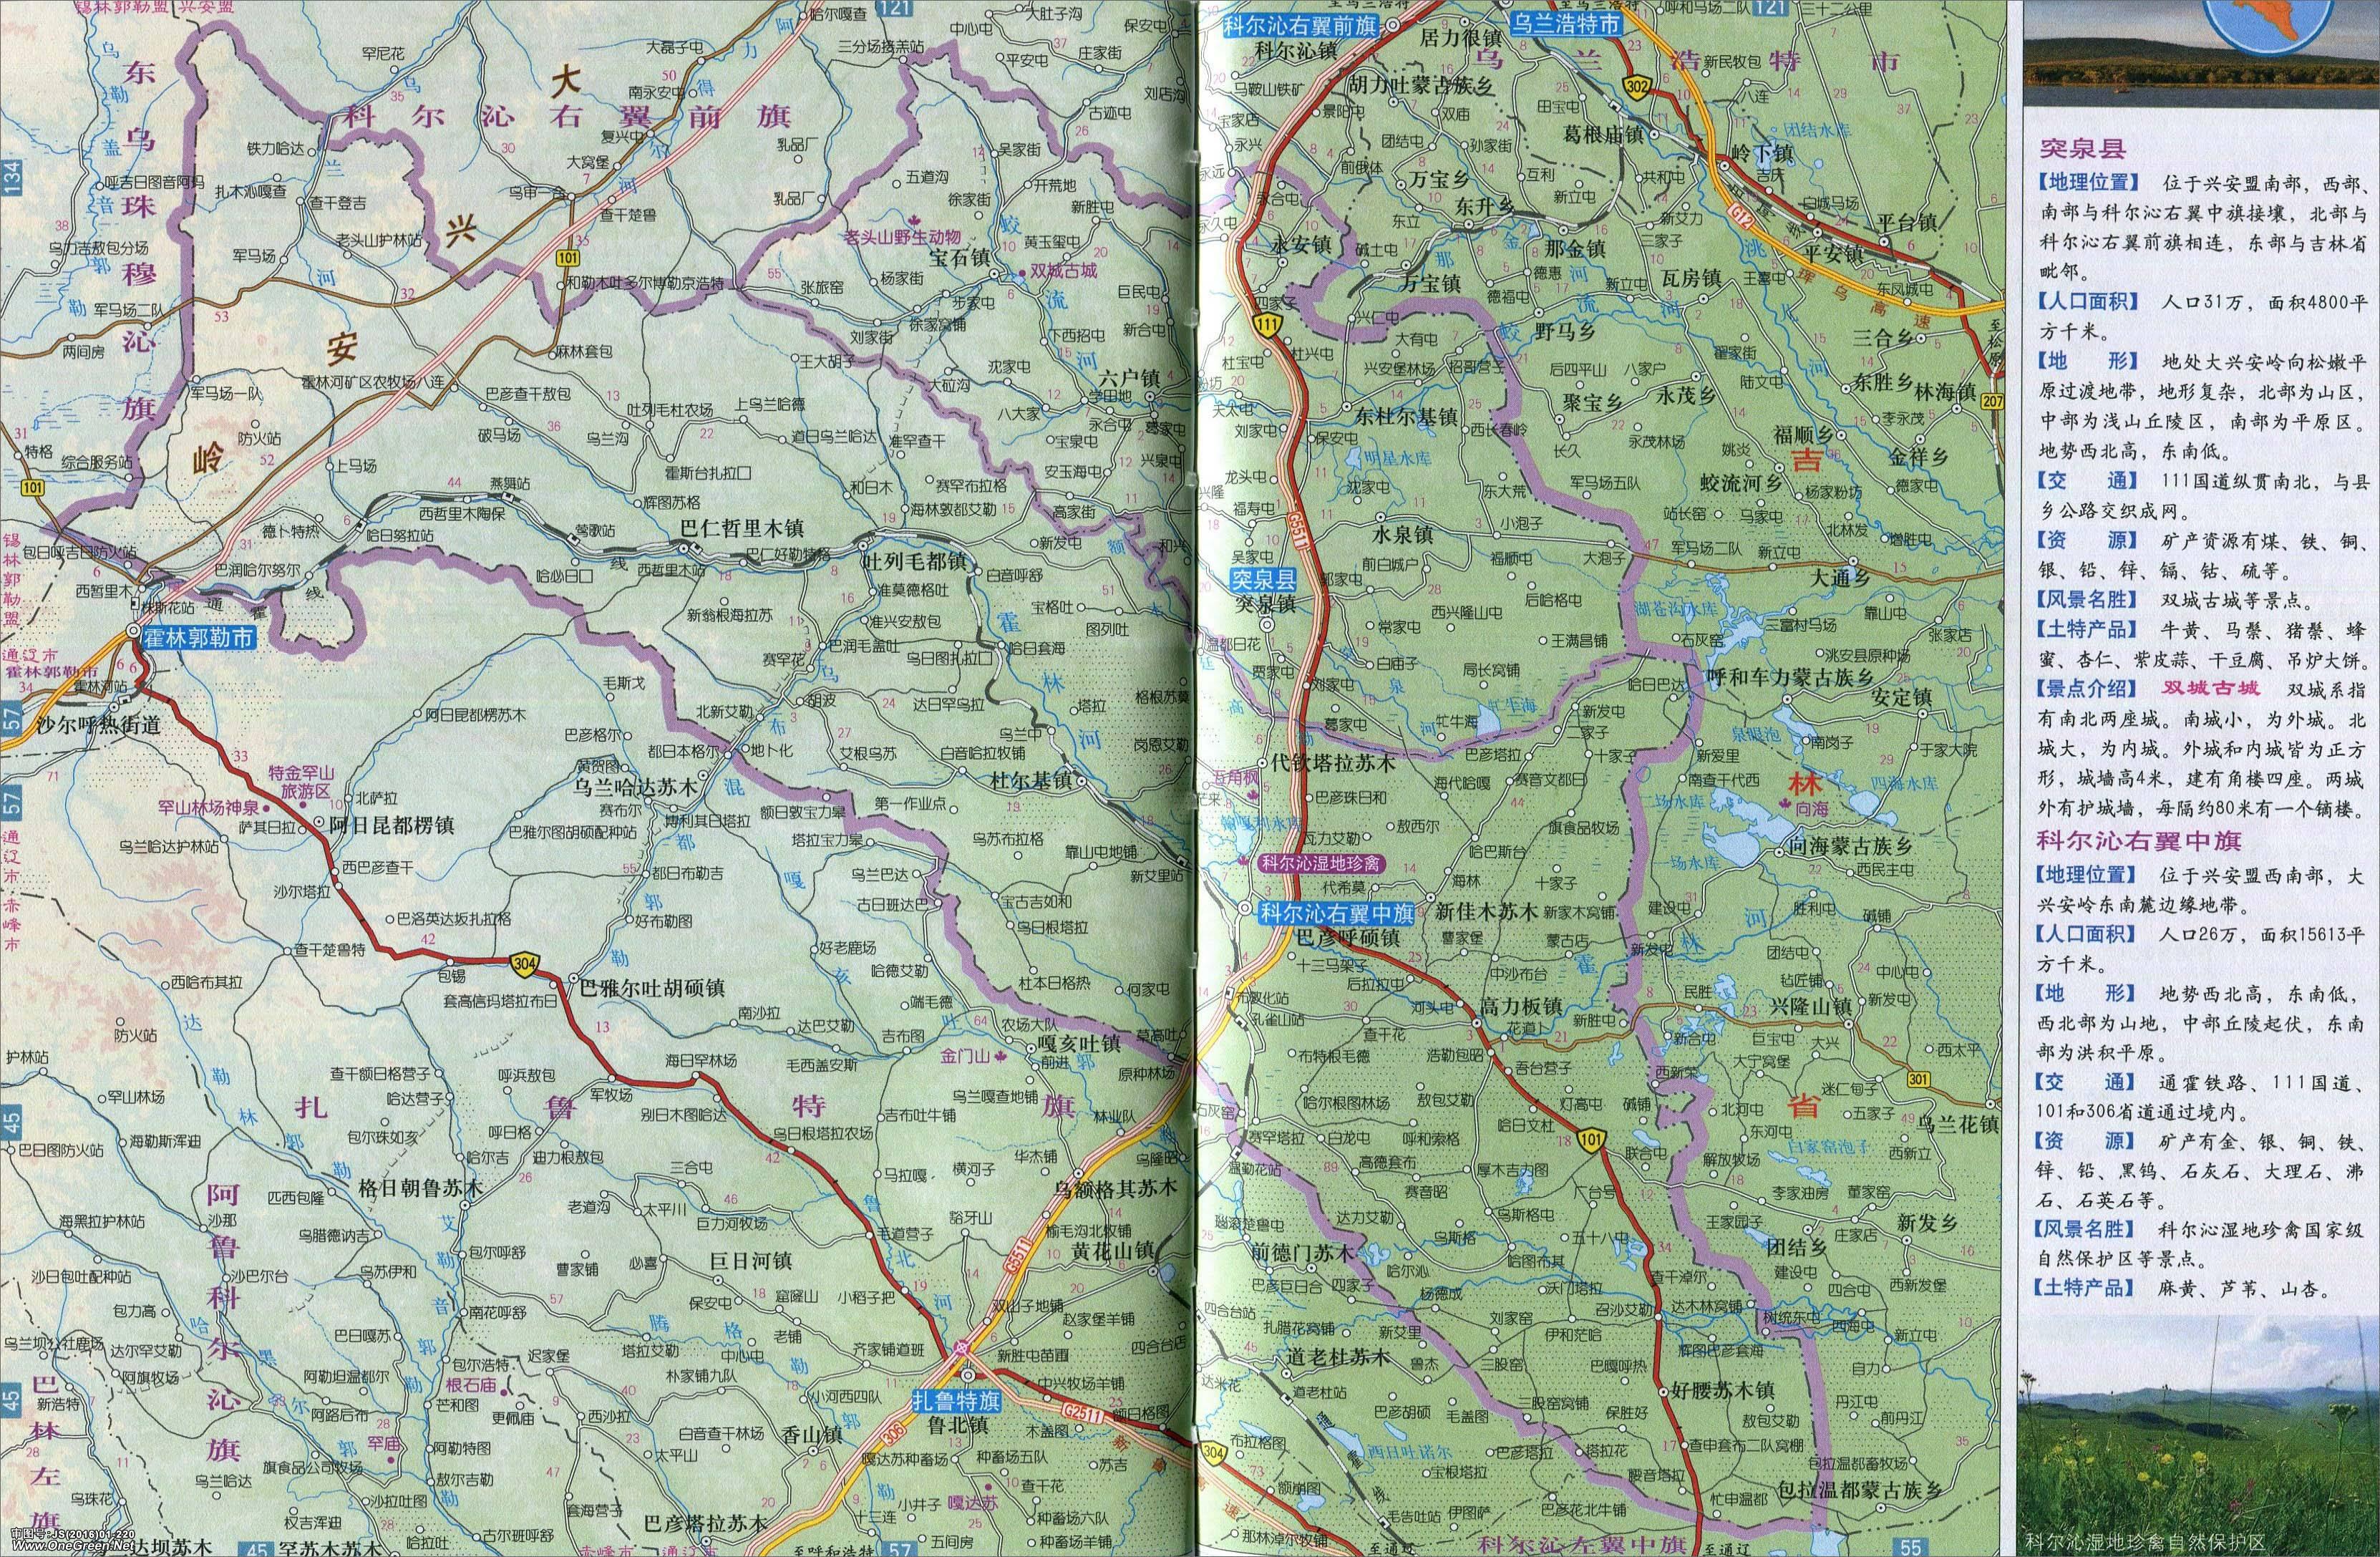 兴安盟科右中旗地图_突泉县_科尔沁右翼中旗地图_兴安盟地图库_地图窝